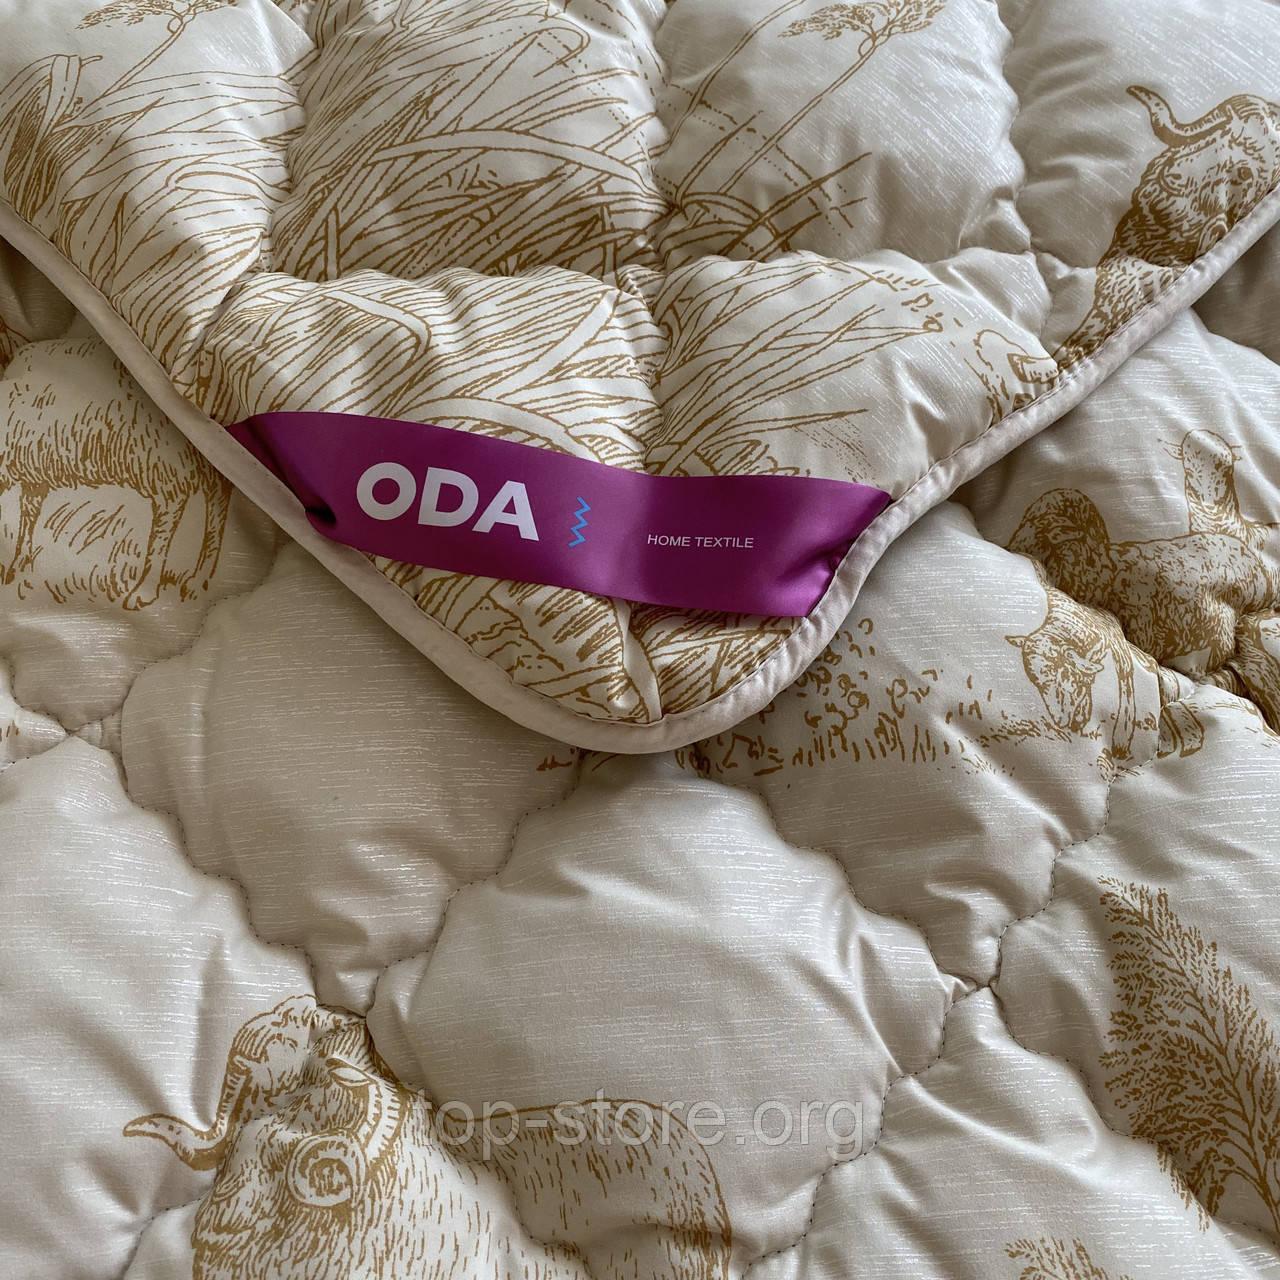 Одеяло на овчине Двуспальный размера 175х210 Качественное, теплое зимнее одеяло ODA